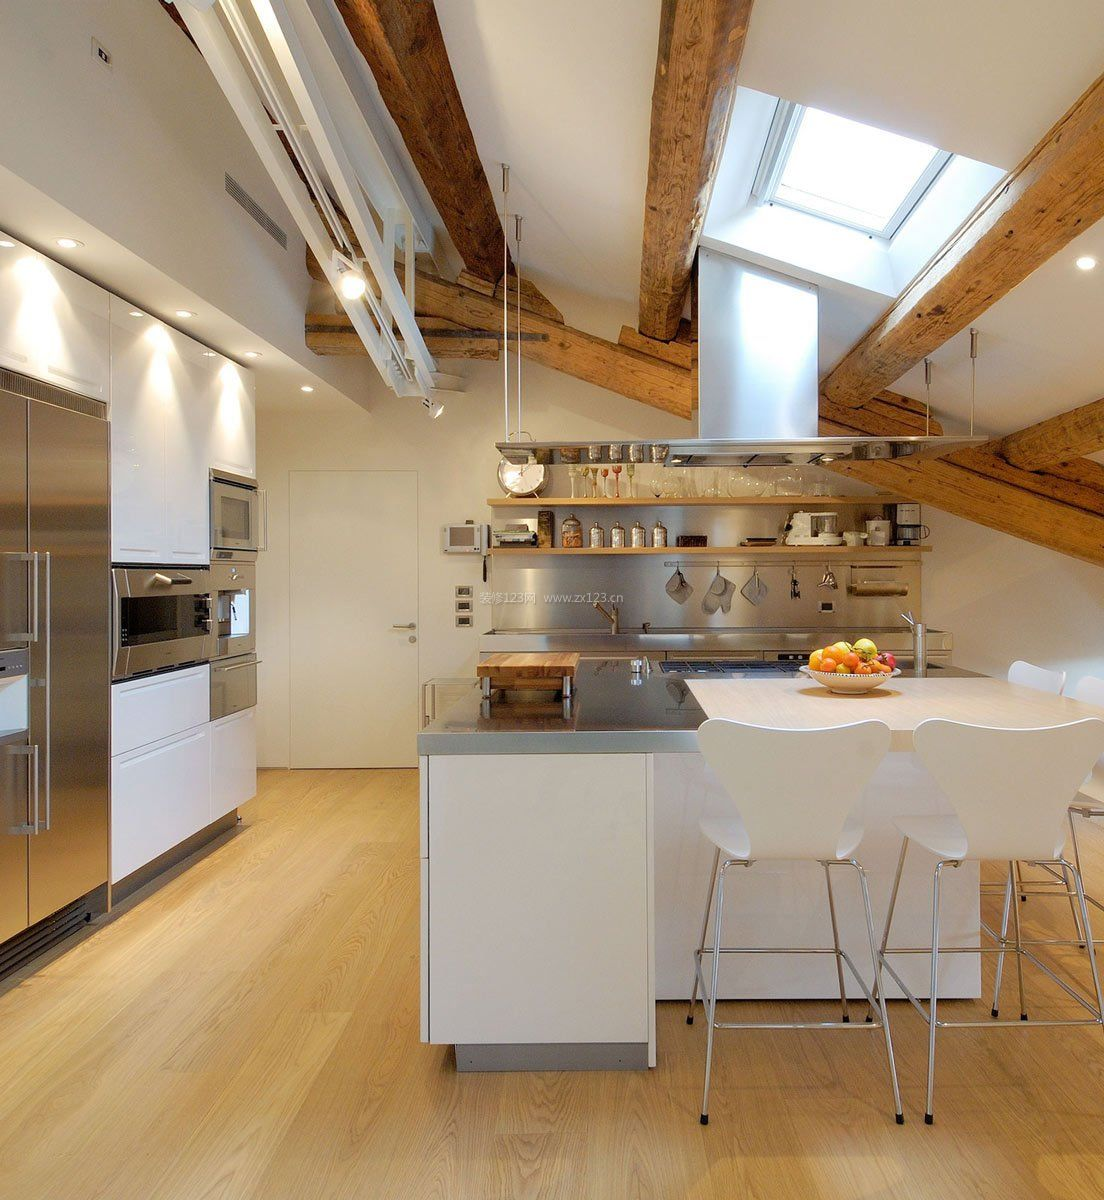 简欧顶层斜顶阁楼厨房设计装修图片